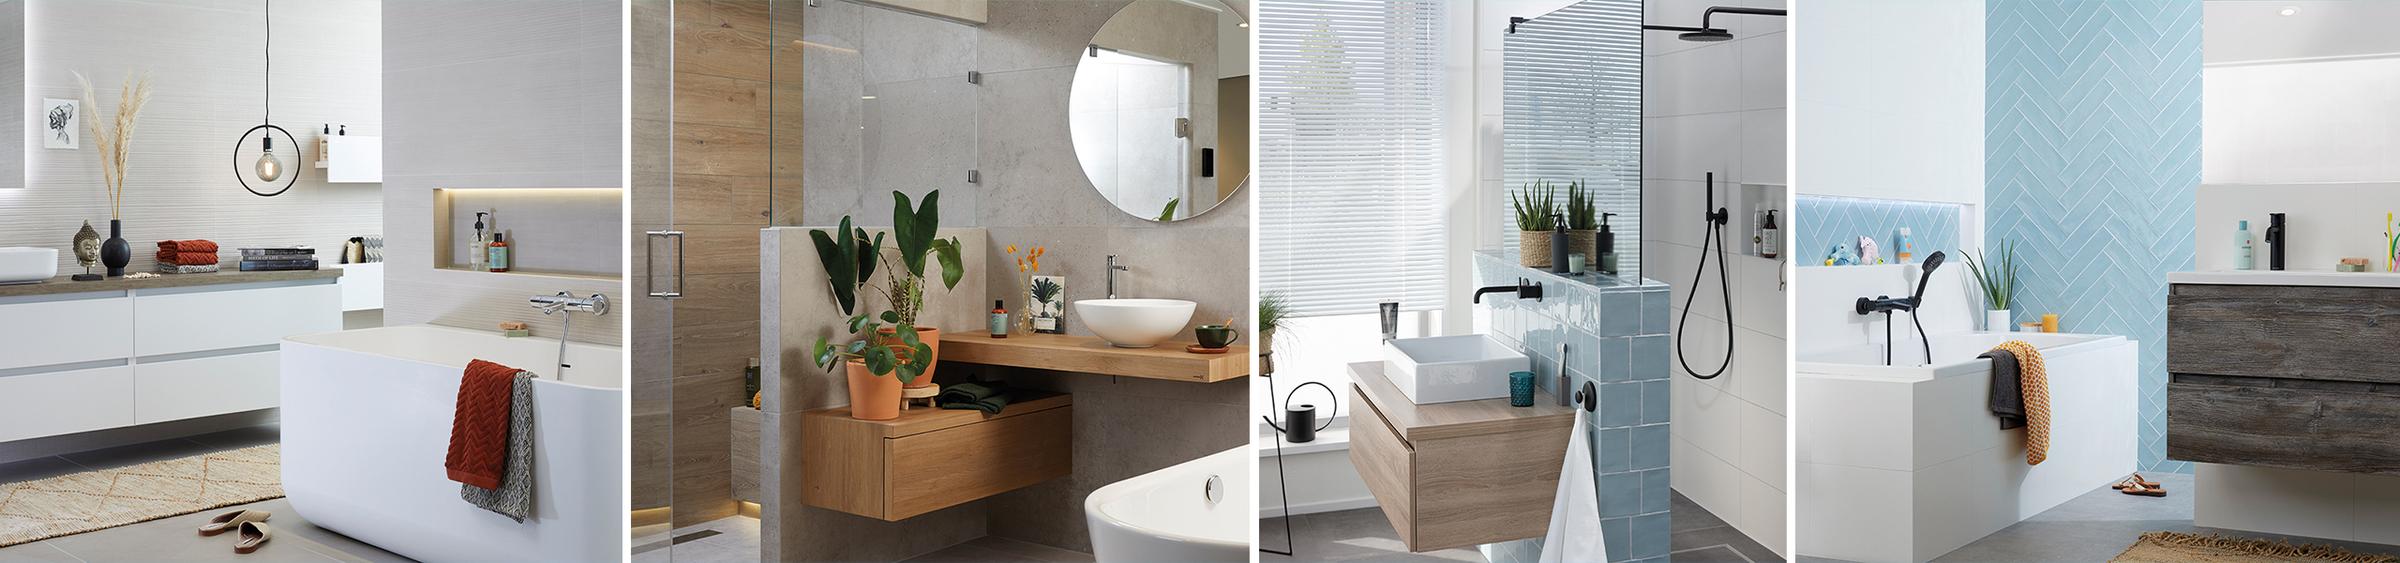 5 badkamer voorbeelden: moderne badkamer - 5 badkamer voorbeelden: moderne badkamer